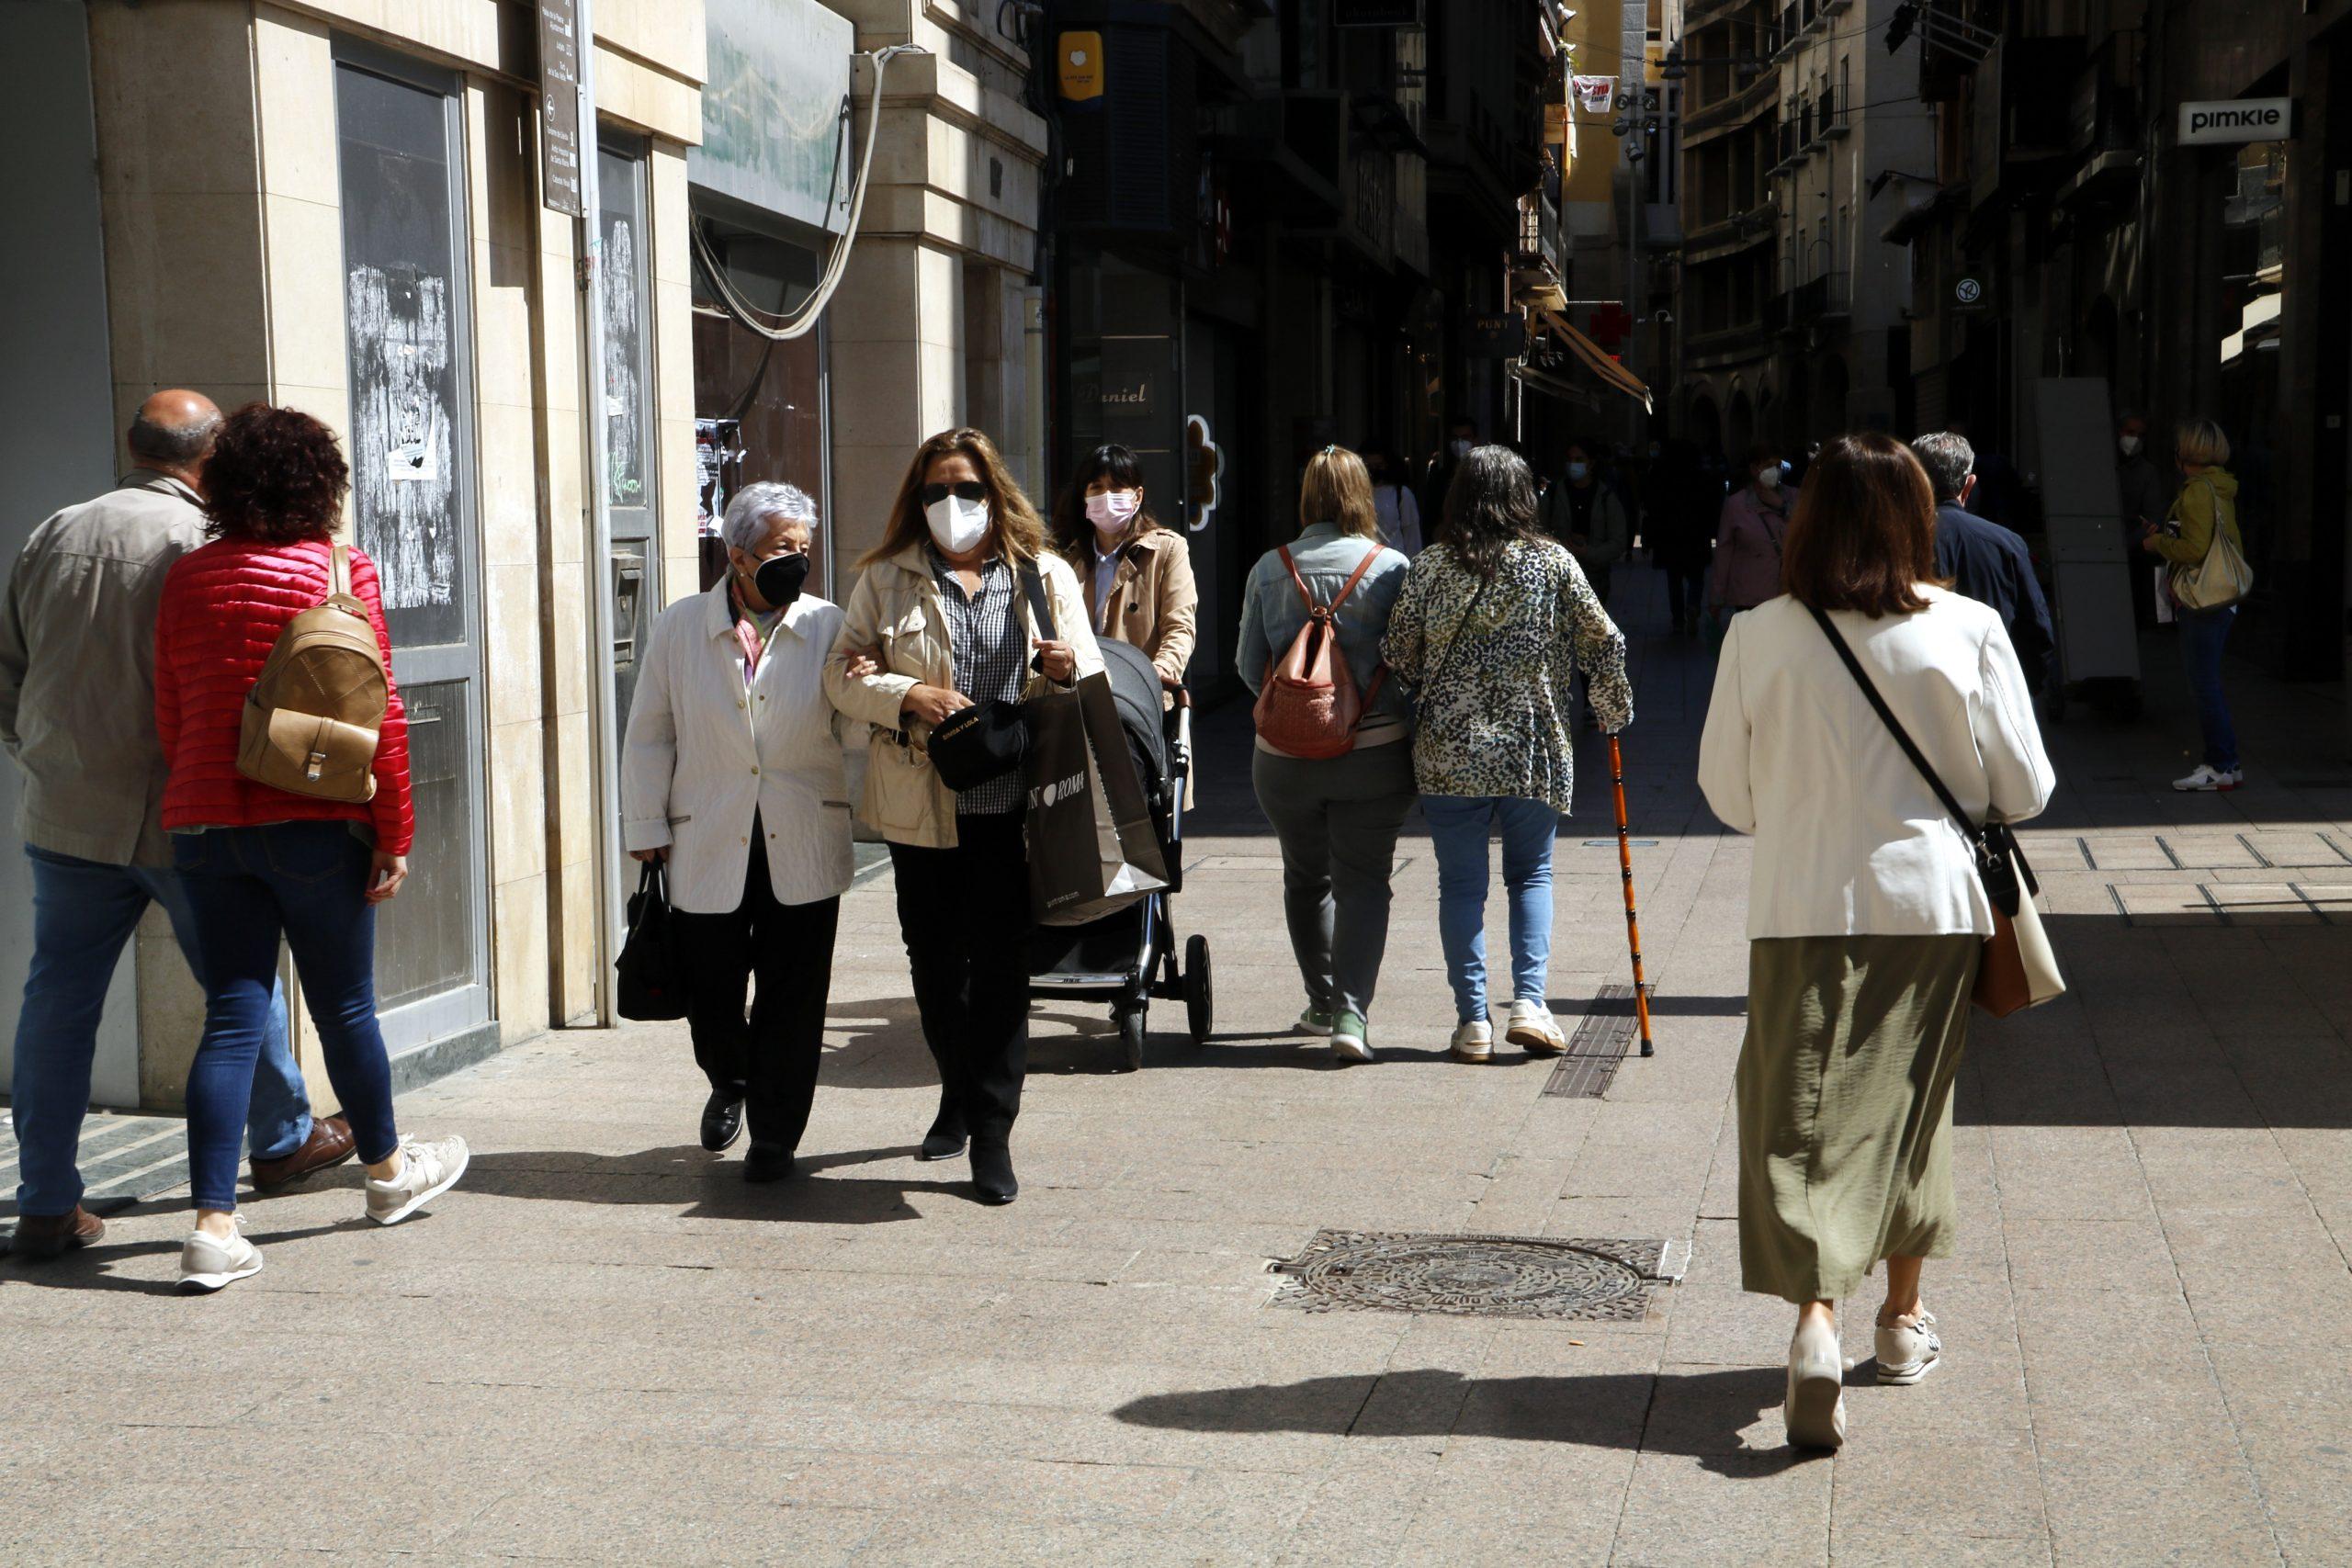 L'Eix Comercial de Lleida amb gent caminant amb mascareta, el 4 de maig de 2021 / ACN